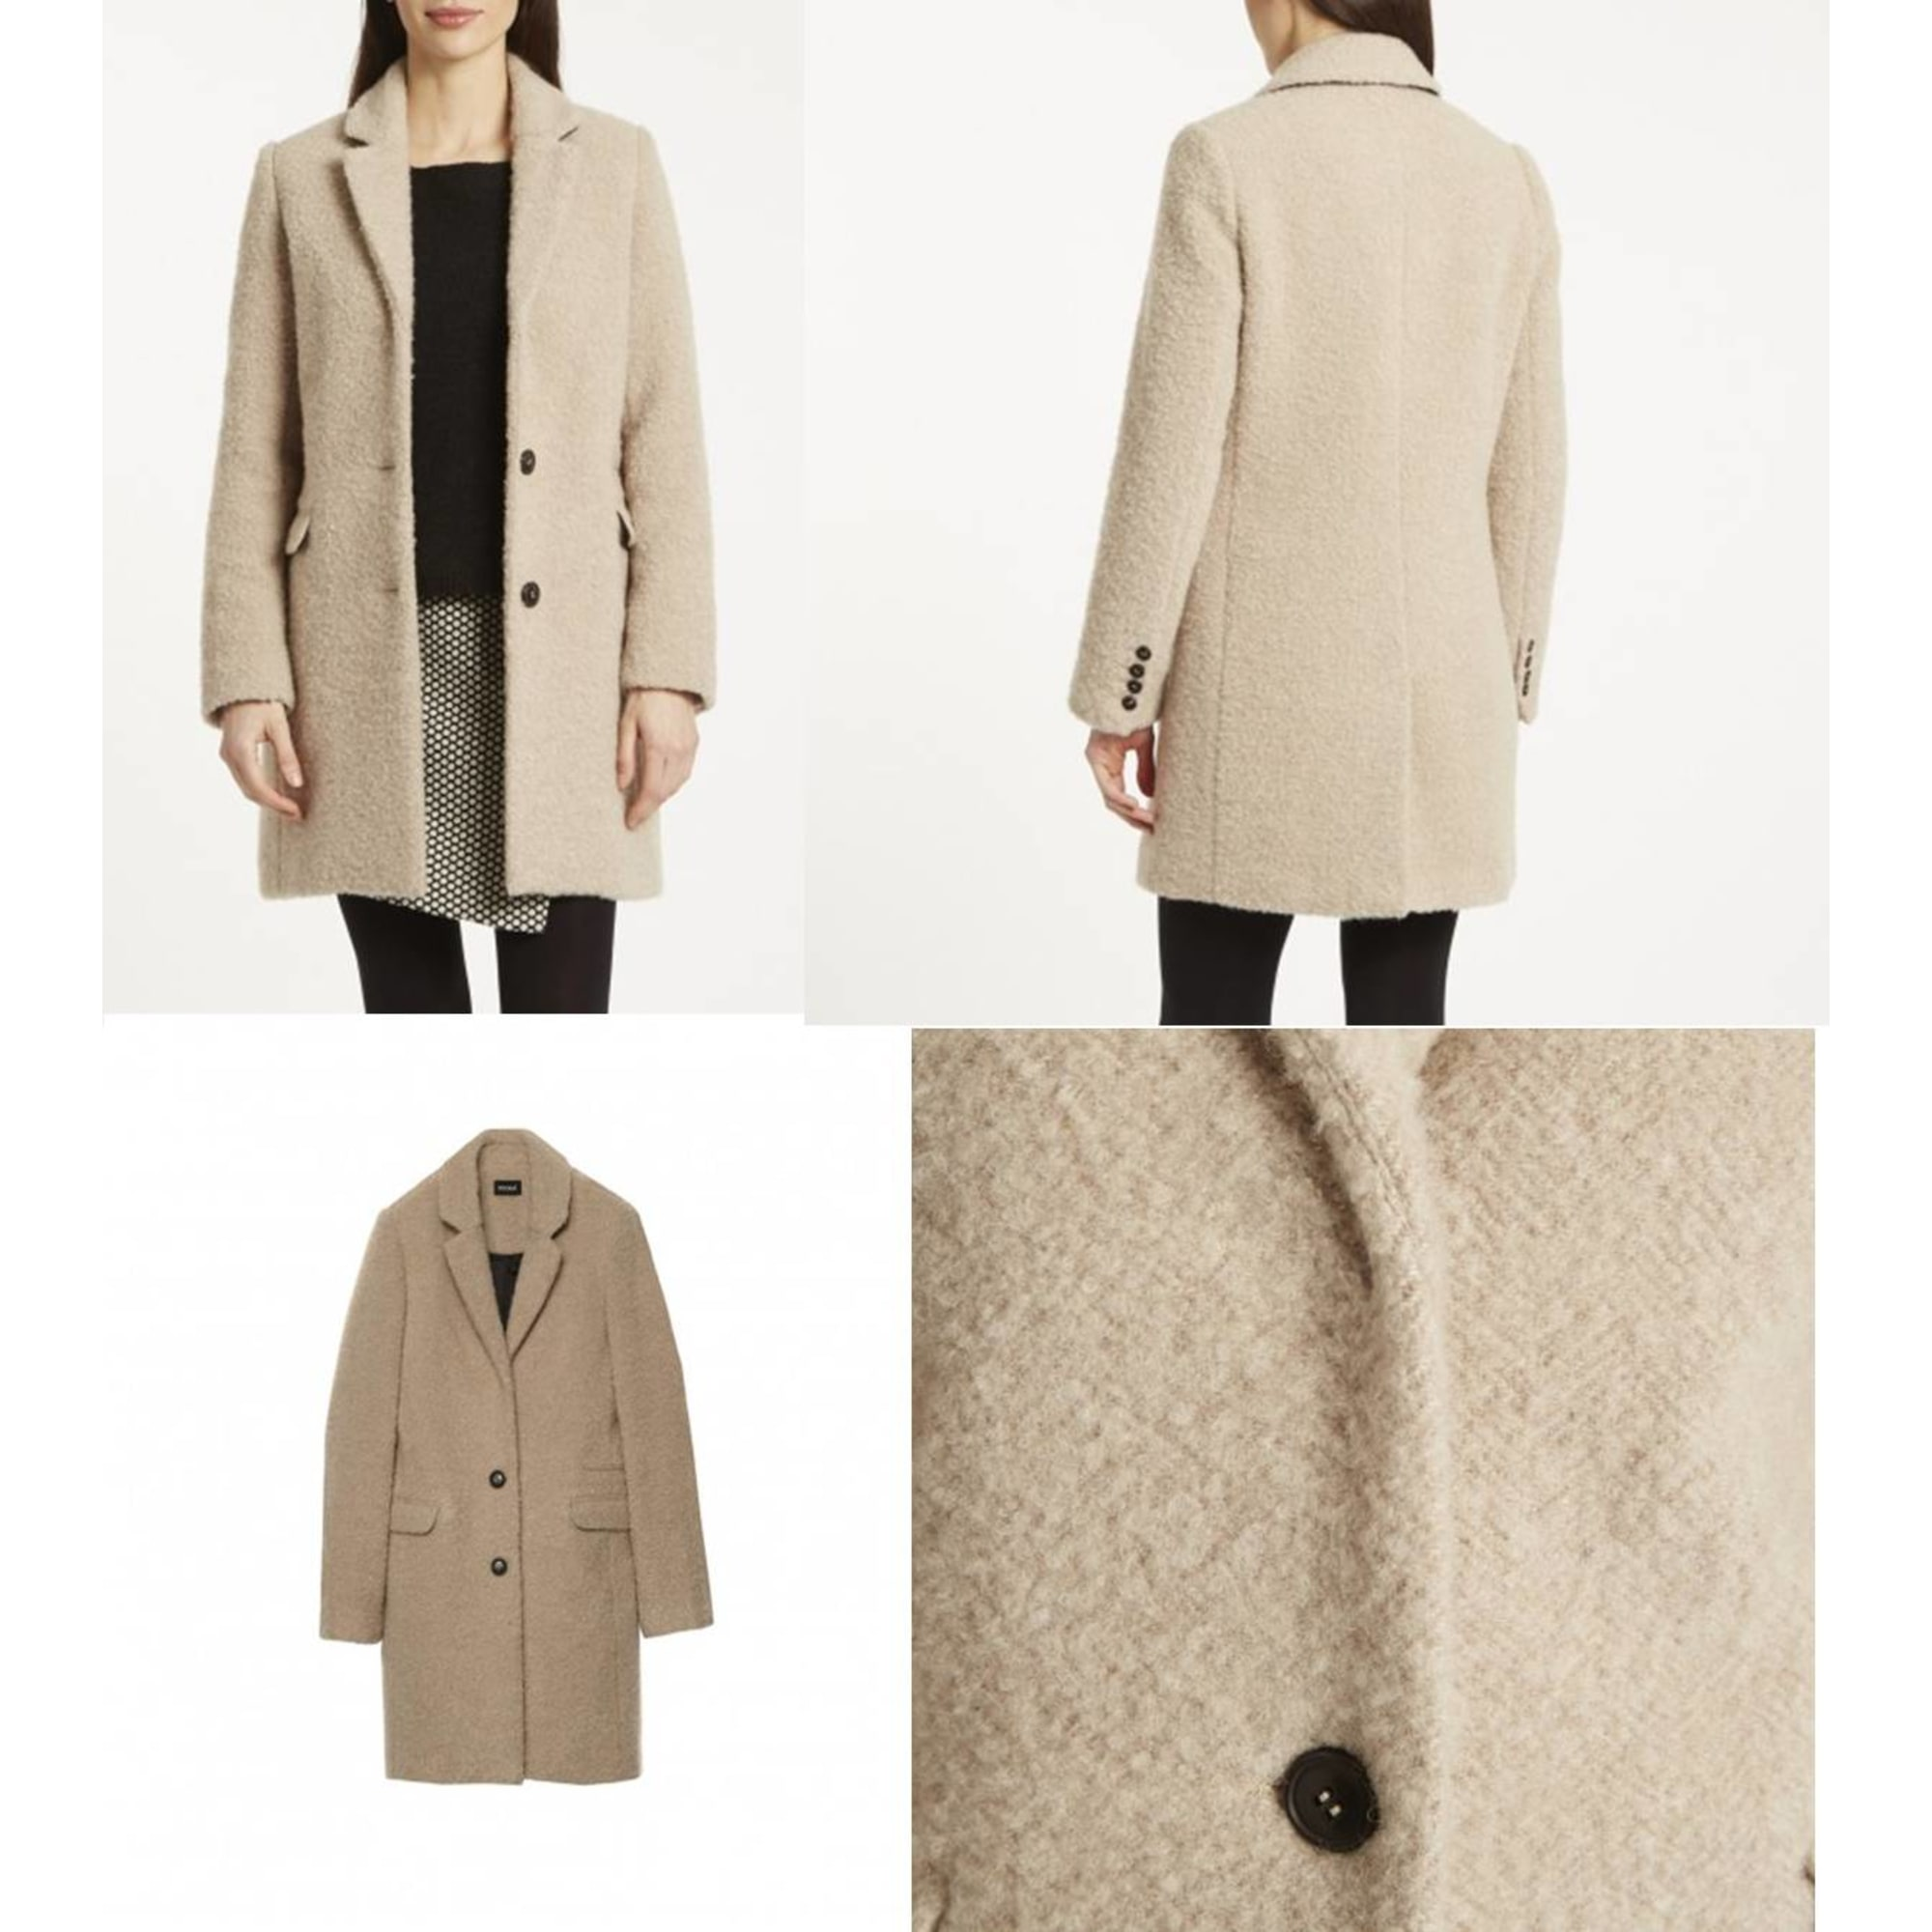 Comment choisir son manteau de la marque Kookaï ?